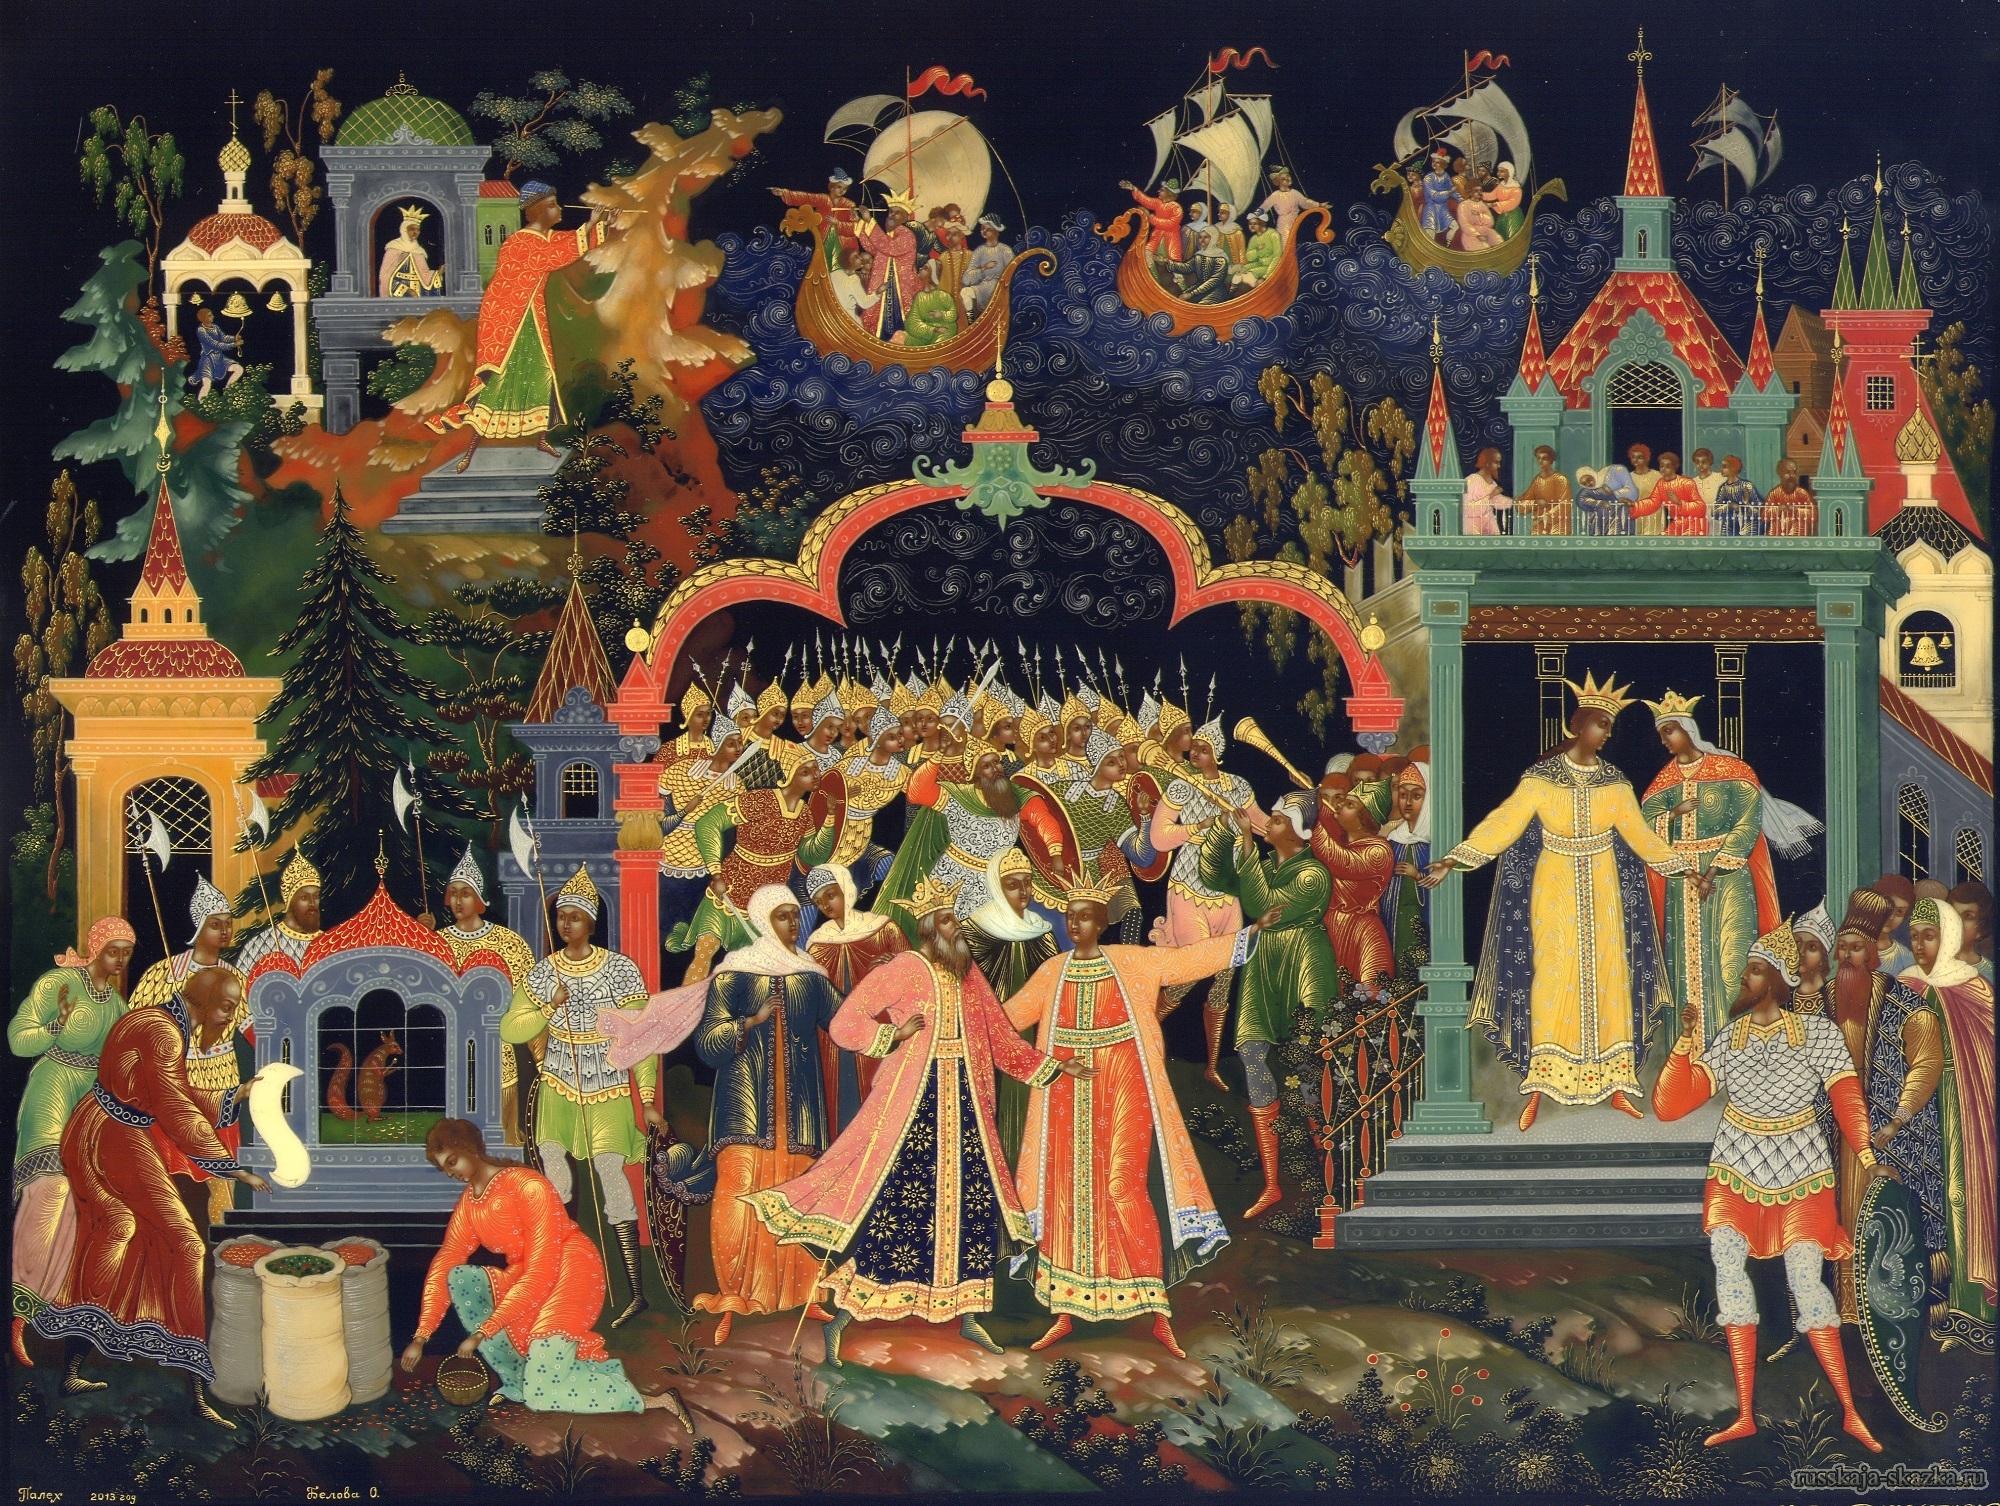 Пушкин о царе салтане картинки